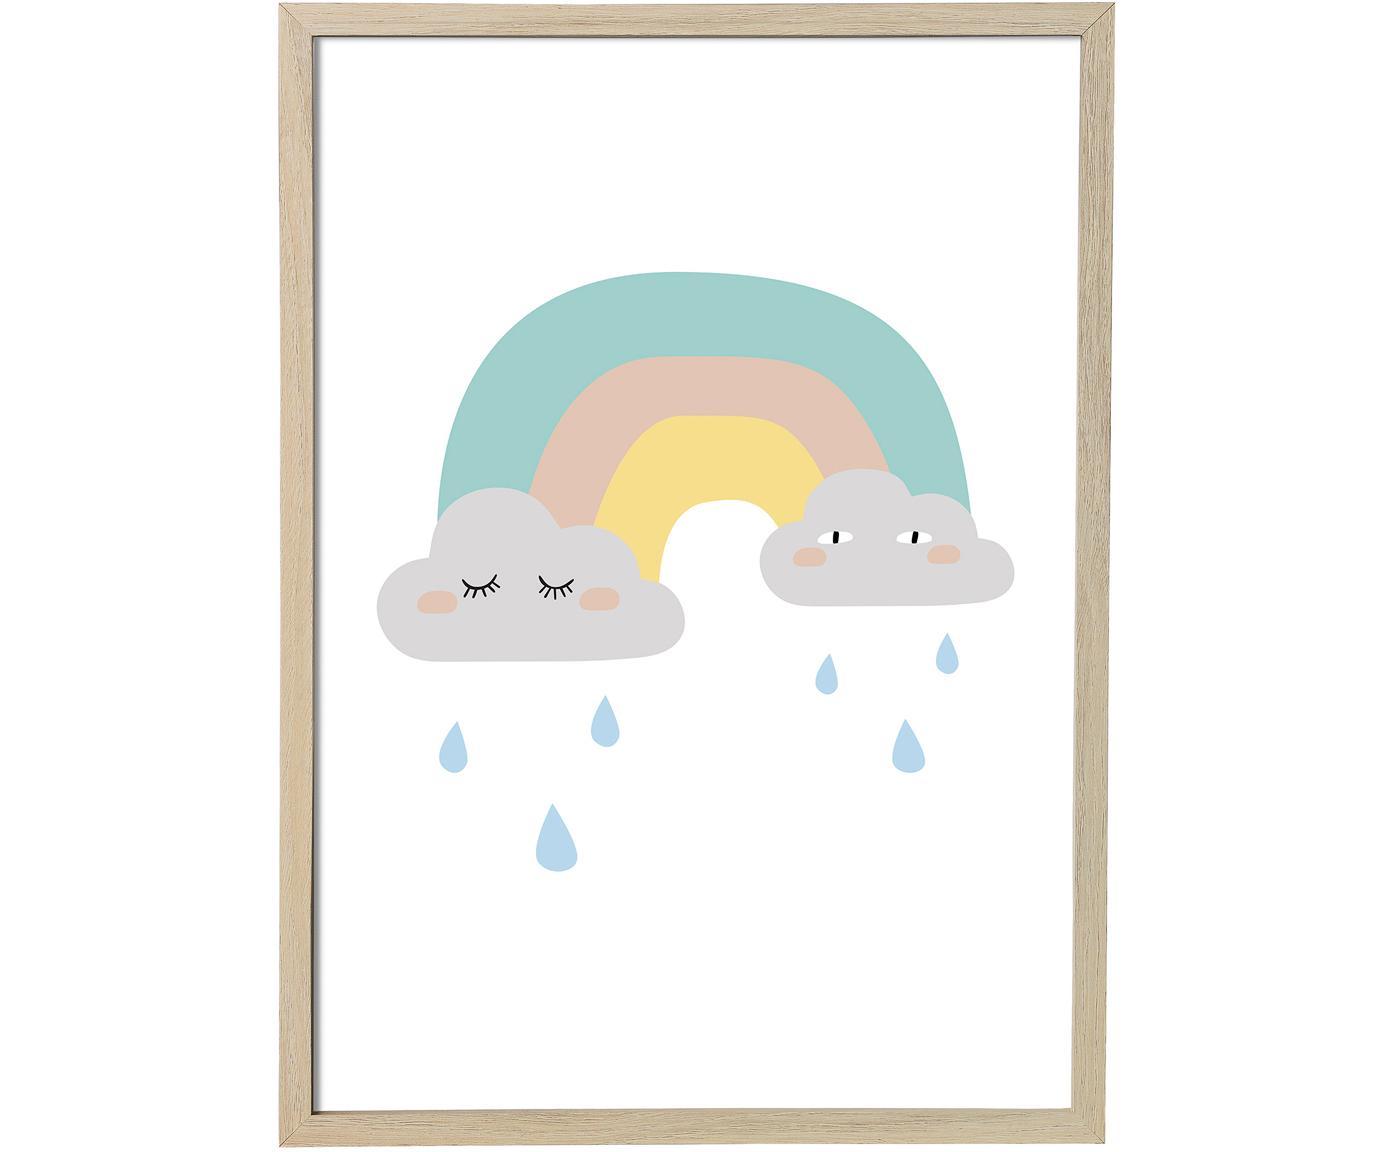 Gerahmtes Bild Rainbow, Bild: Papier, Rahmen: Mitteldichte Holzfaserpla, Weiss, 55 x 75 cm